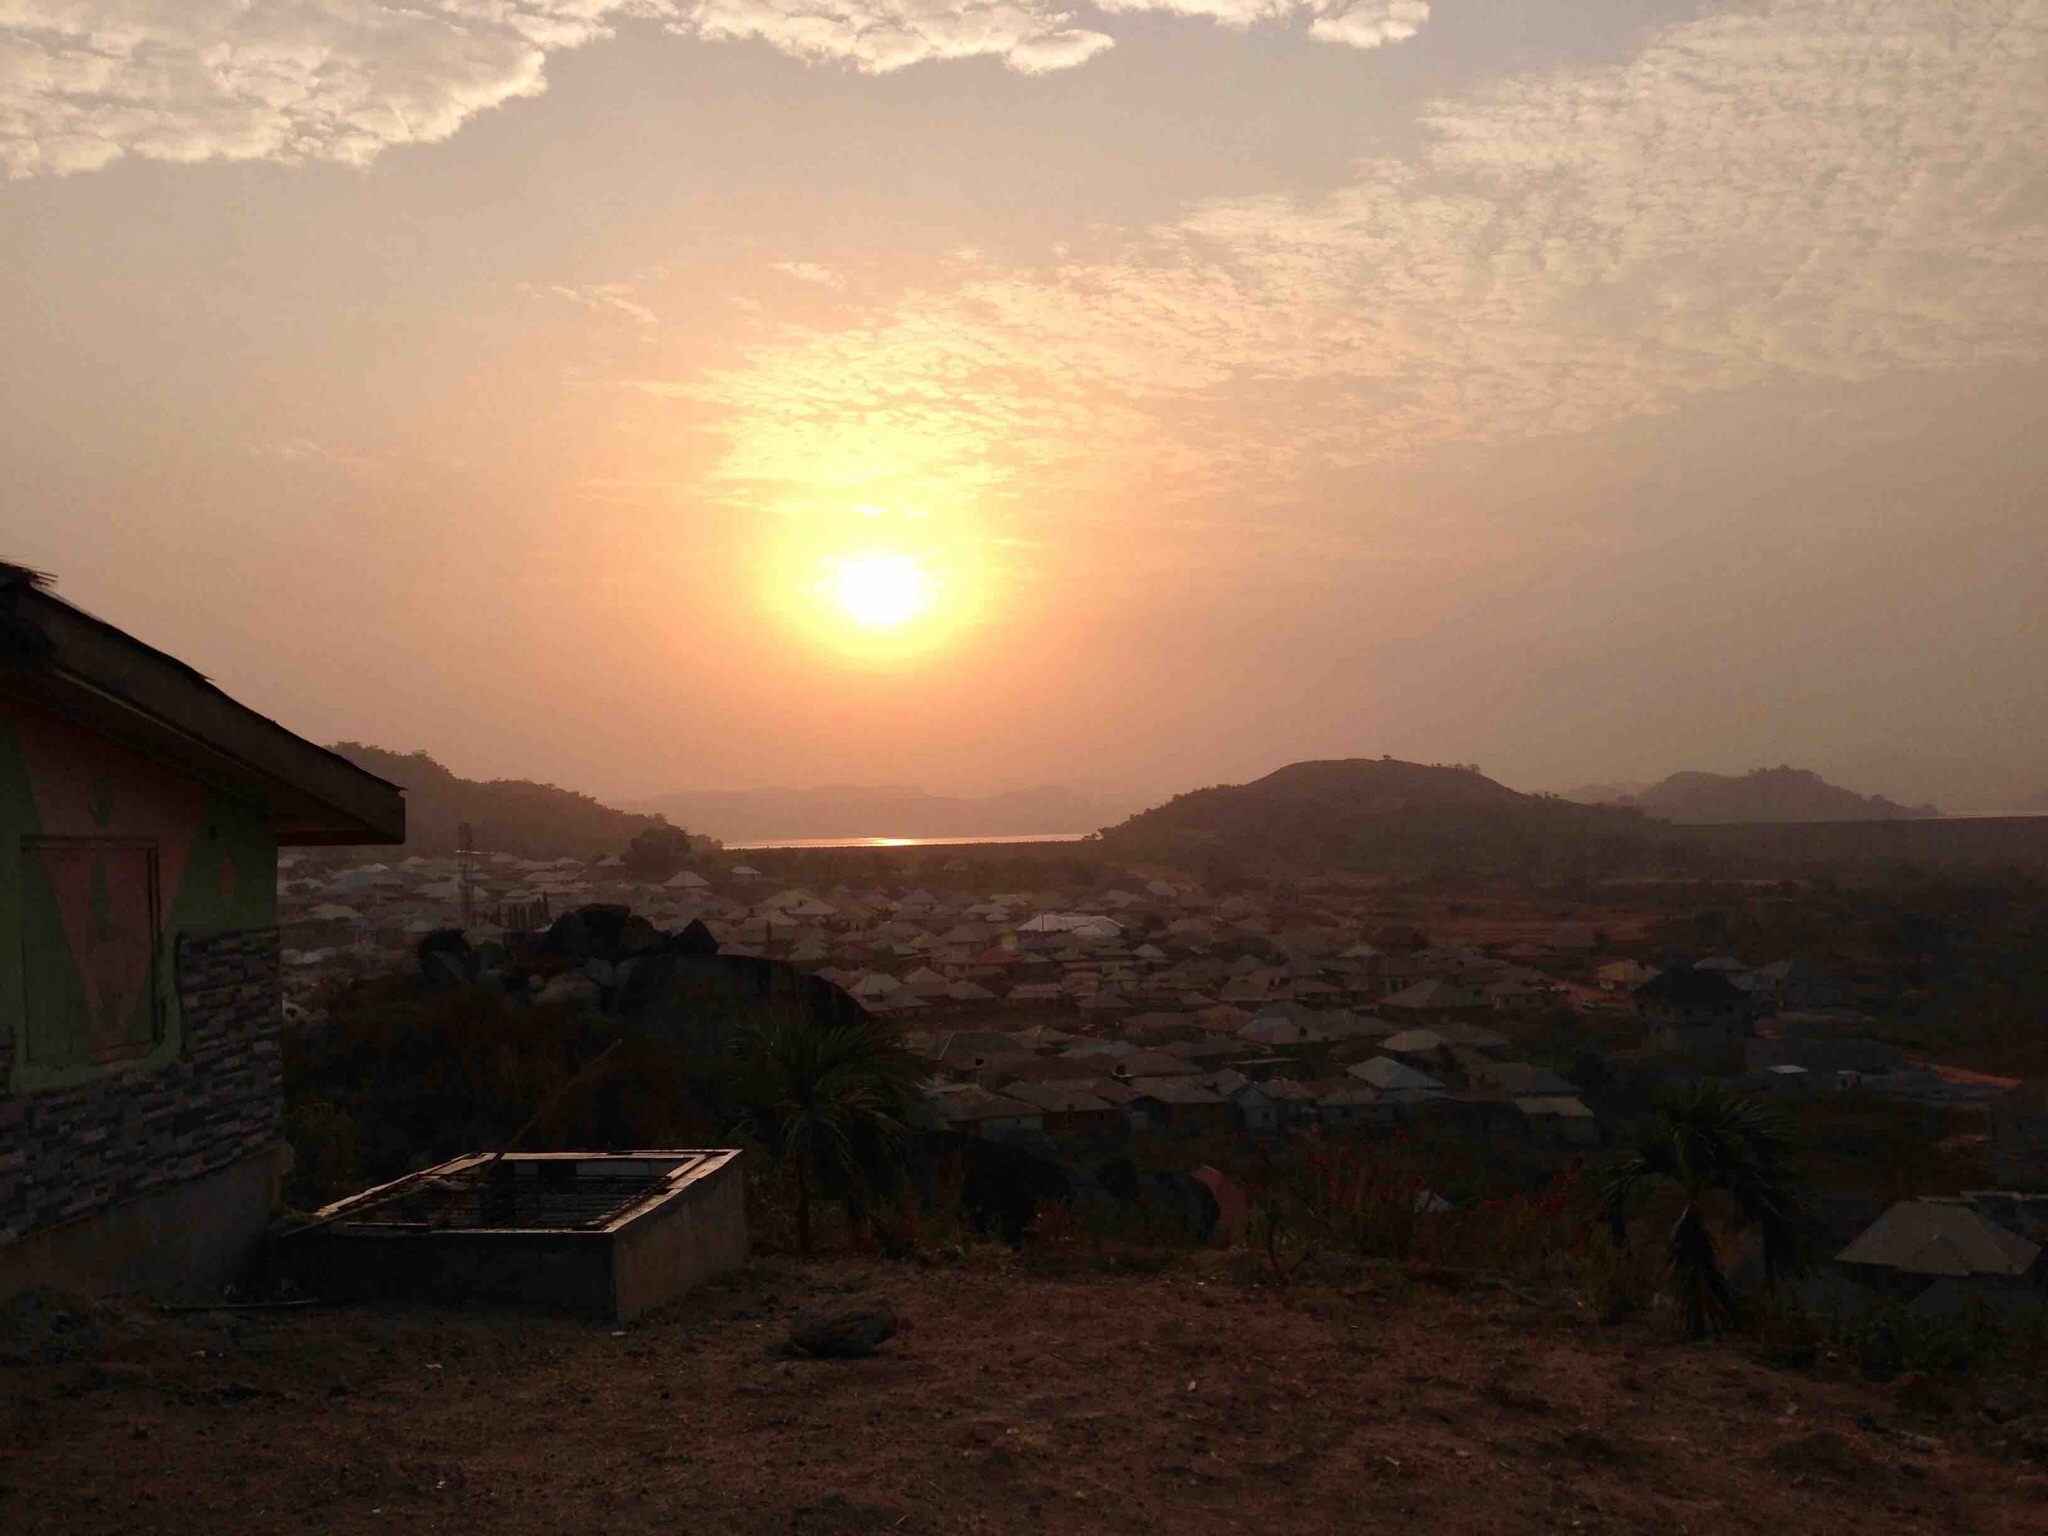 Sunrise over Usuma Dam, Ushafa Village, FCT, Abuja, Nigeria. #JujuFilms